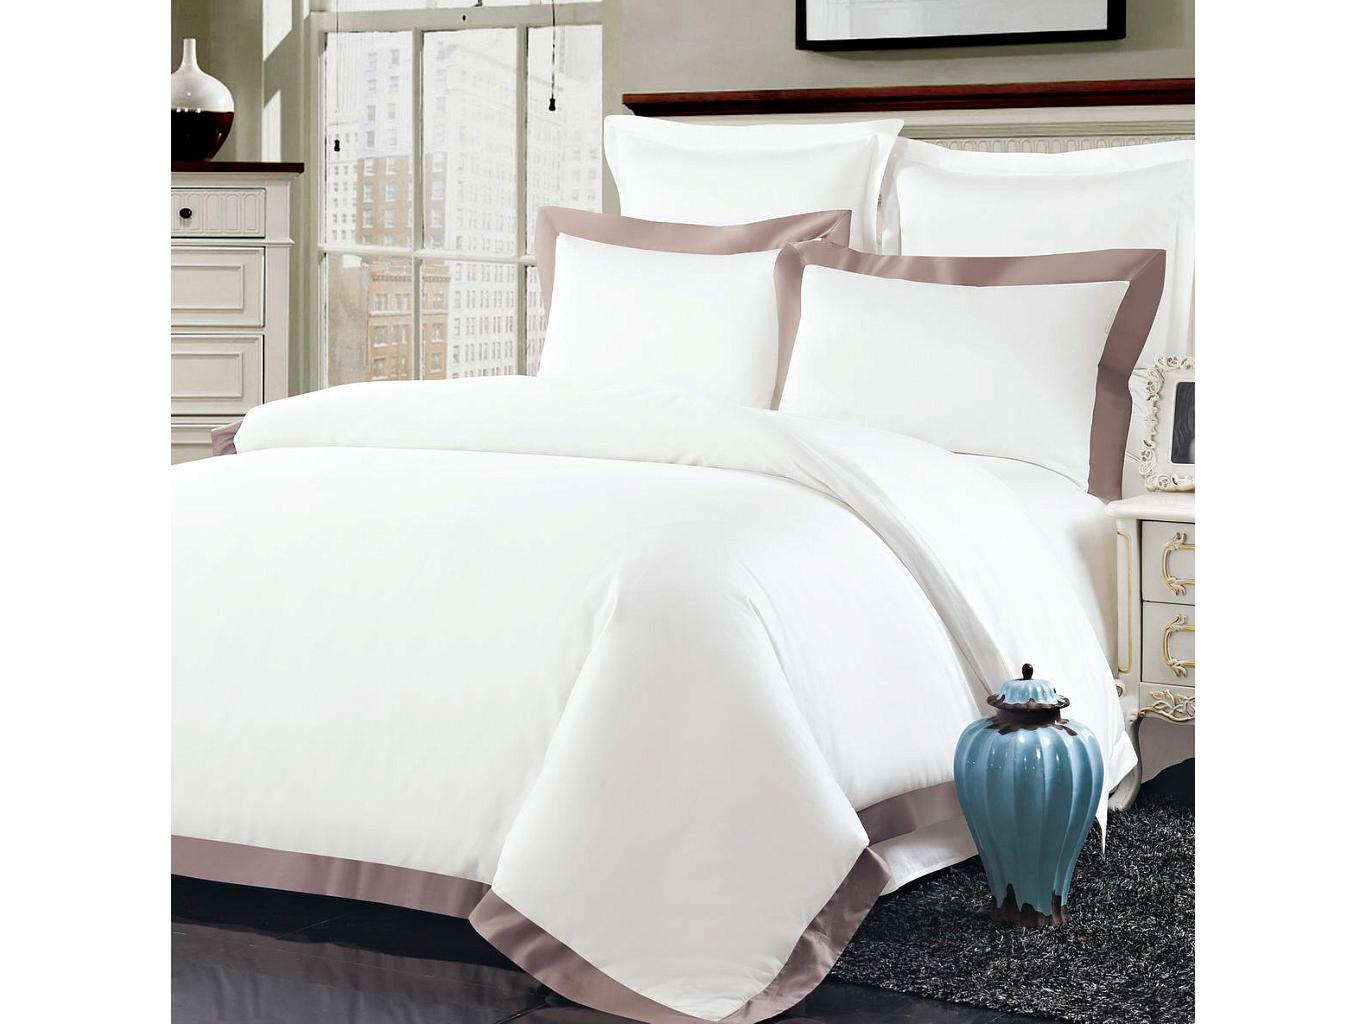 Комплект постельного белья МортеллоДвуспальные комплекты постельного белья<br>&amp;lt;div&amp;gt;Великолепный белоснежный комплект из хлопка станет настоящим украшением для Вашей спальни. Наволочки с декоративными &amp;quot;ушками&amp;quot; пастельных цветов смотрятся необыкновенно стильно. Хлопковая нить сплетается определенным способом, это позволяет получить высокую плотность ткани, не теряя при этом мягкости.&amp;amp;nbsp;&amp;lt;/div&amp;gt;&amp;lt;div&amp;gt;&amp;lt;br&amp;gt;&amp;lt;/div&amp;gt;&amp;lt;div&amp;gt;Комплектация:&amp;lt;/div&amp;gt;&amp;lt;div&amp;gt;Пододеяльник: 160х220 см(2 шт.)&amp;lt;/div&amp;gt;&amp;lt;div&amp;gt;Простыня: 230х250 см(1 шт.)&amp;amp;nbsp;&amp;lt;/div&amp;gt;&amp;lt;div&amp;gt;Наволочки: 50х70 см(2 шт.),&amp;lt;/div&amp;gt;&amp;lt;div&amp;gt;Наволочки: 70х70 см(2шт.)&amp;amp;nbsp;&amp;lt;/div&amp;gt;&amp;lt;div&amp;gt;Состав: 100%хлопок&amp;lt;/div&amp;gt;<br><br>Material: Хлопок<br>Ширина см: 230.0<br>Глубина см: 250.0